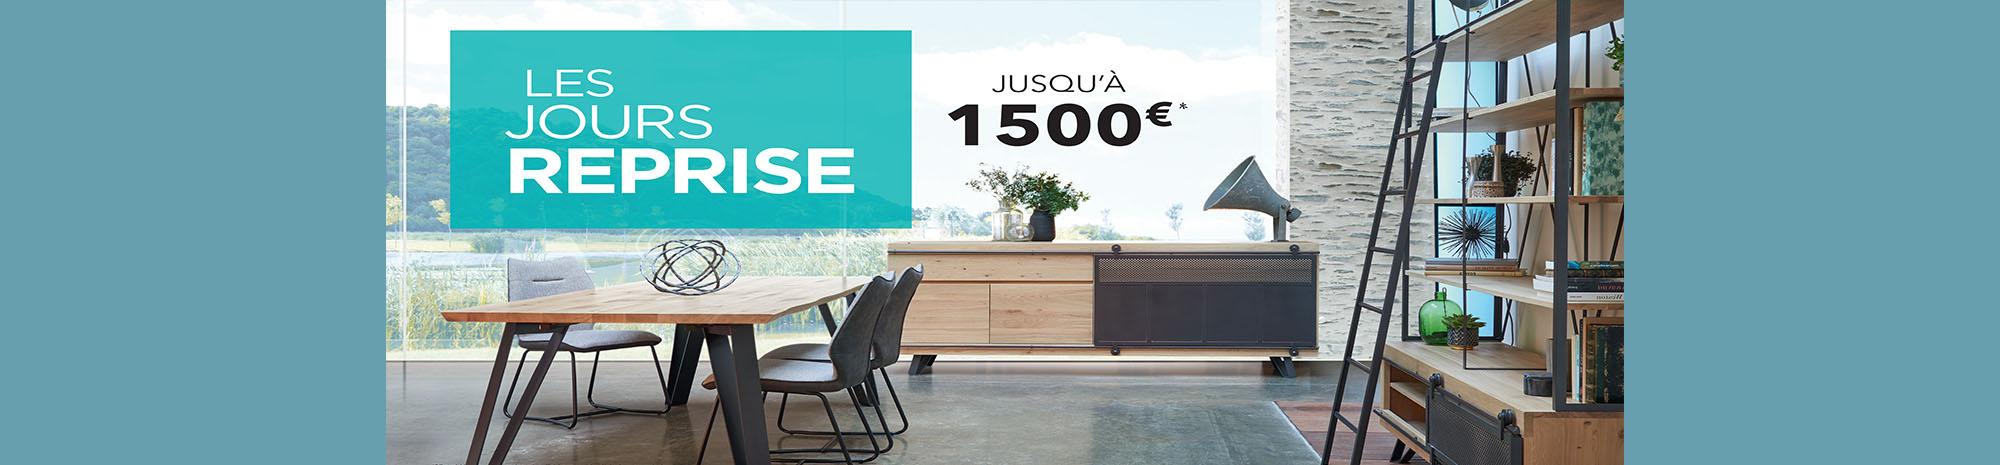 Reprise de votre ancien mobilier jusqu'à 1500€